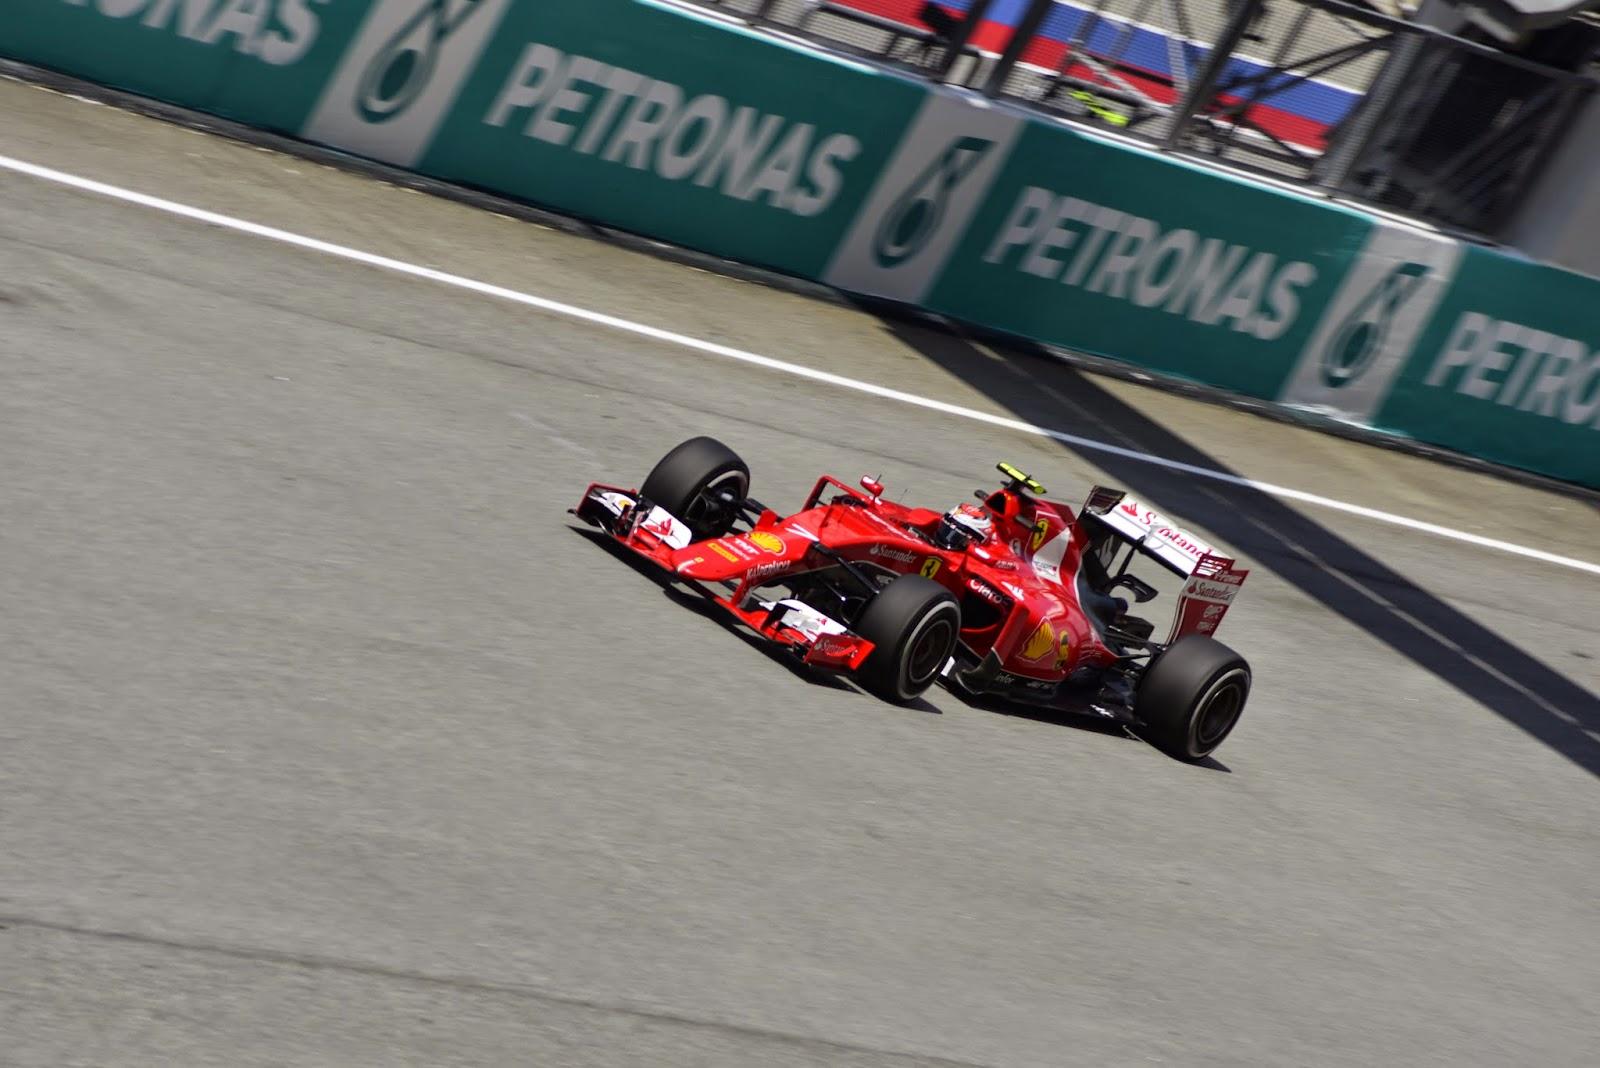 kimi raikkonen motorsport picture